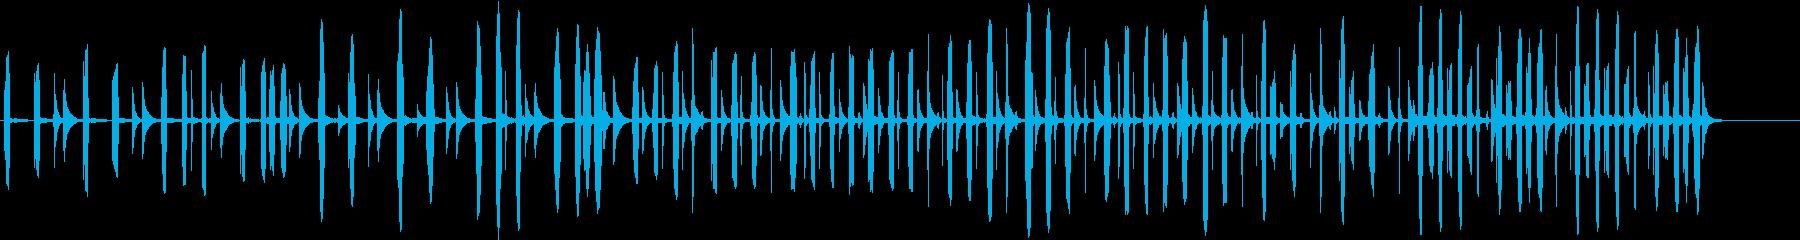 リコーダーのほのぼのした印象の曲の再生済みの波形